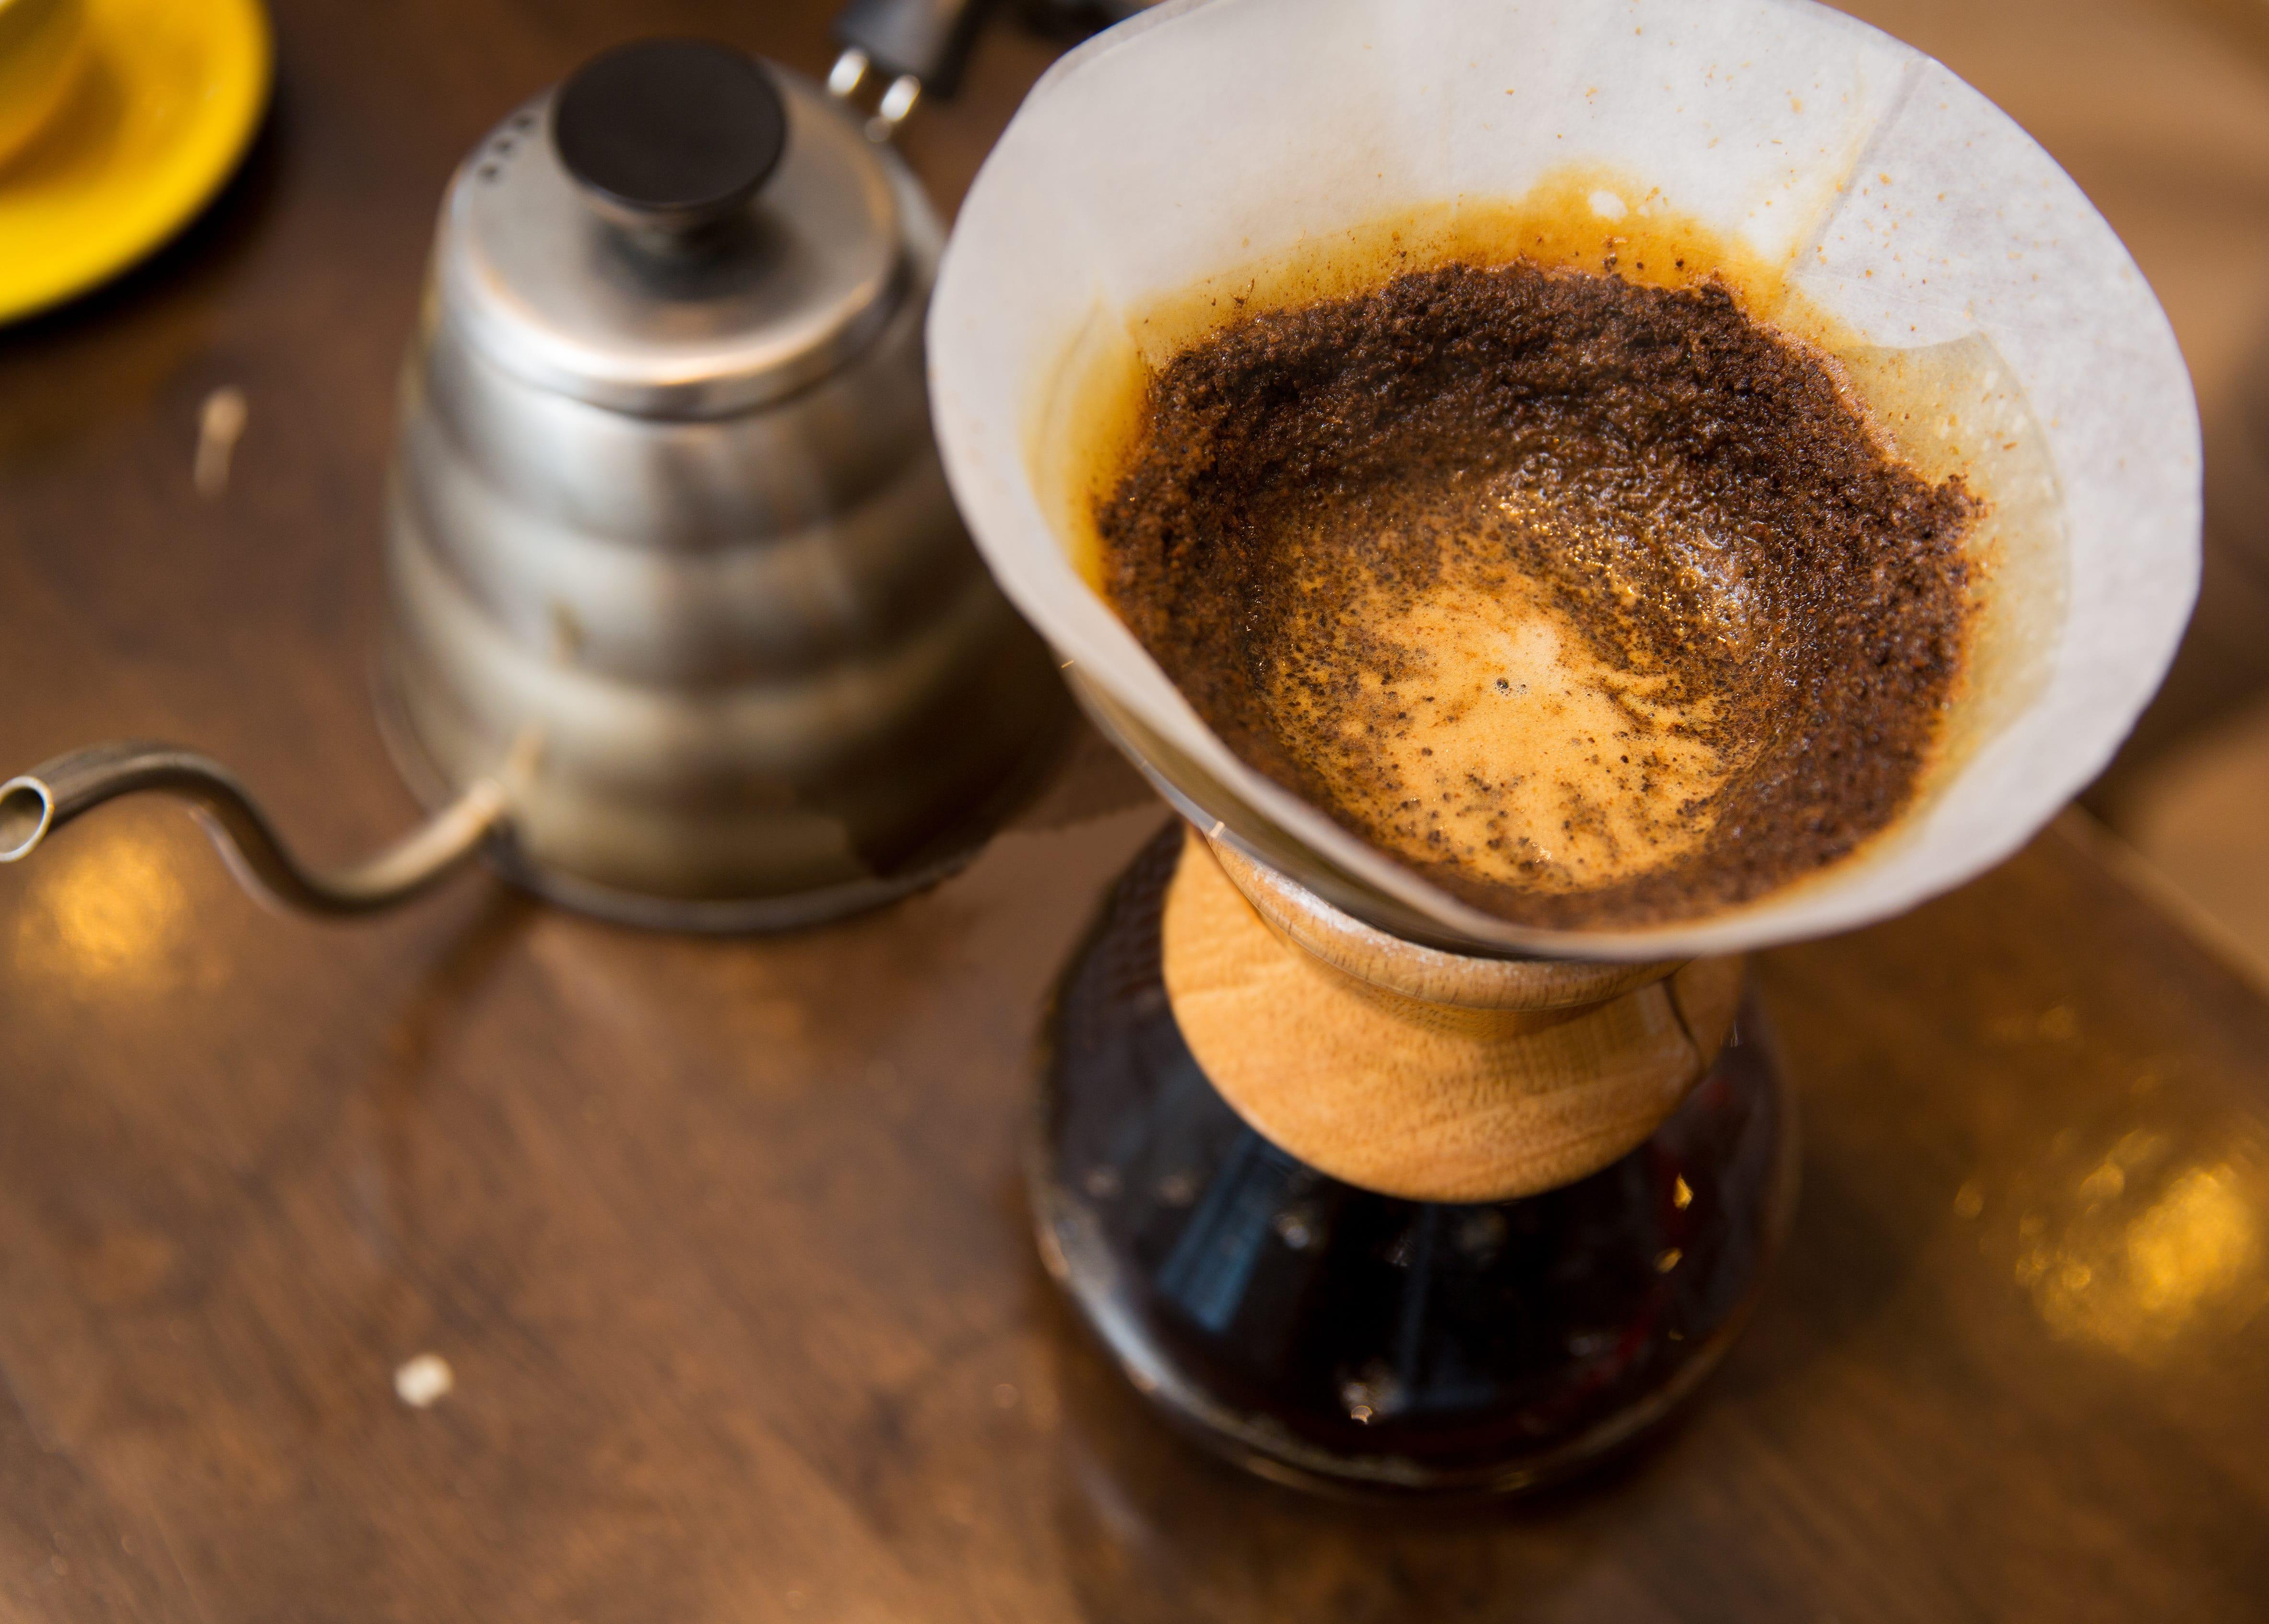 Handgefilterter Kaffee – So bereiten Sie ihn zu